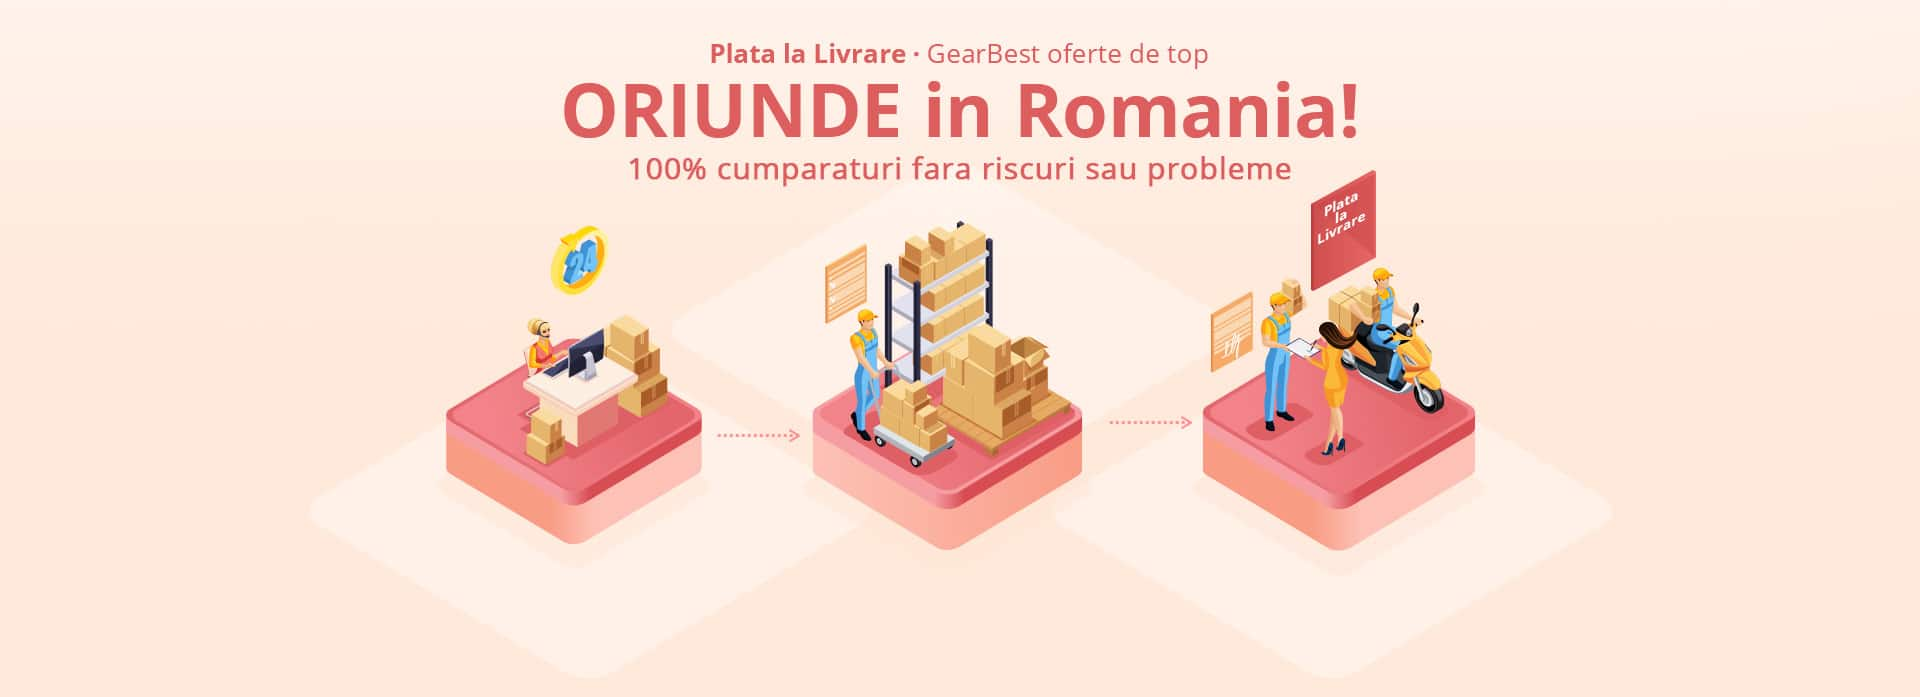 GearBest Plata la Livrare in Romania